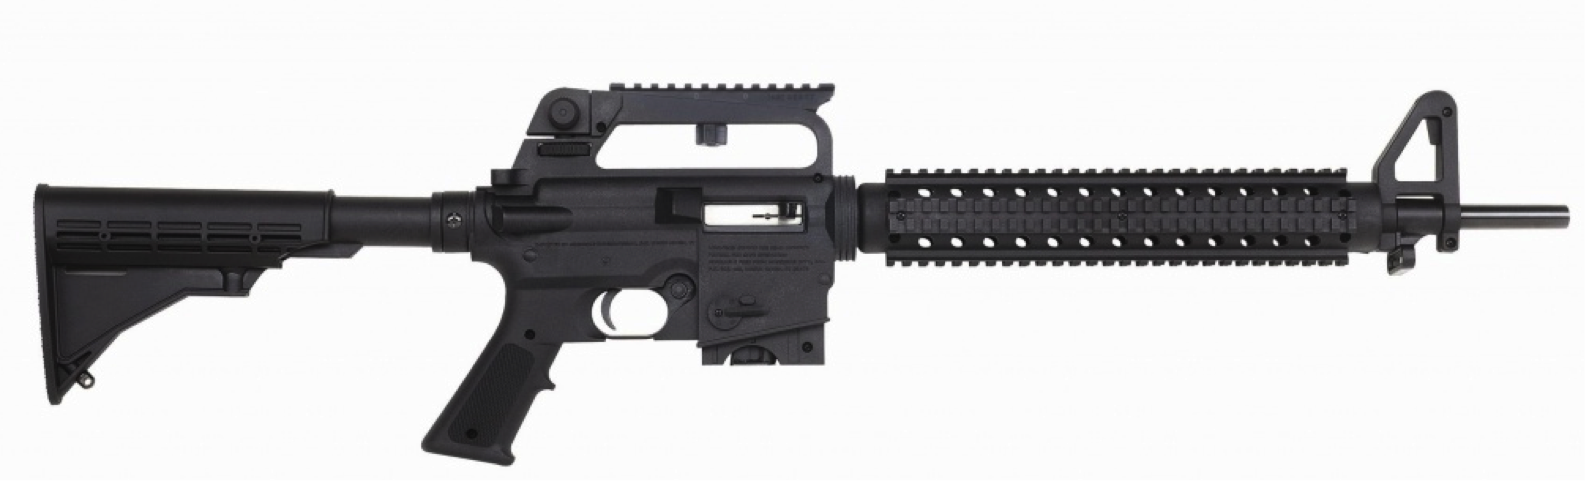 платформы винтовки AR-15 и